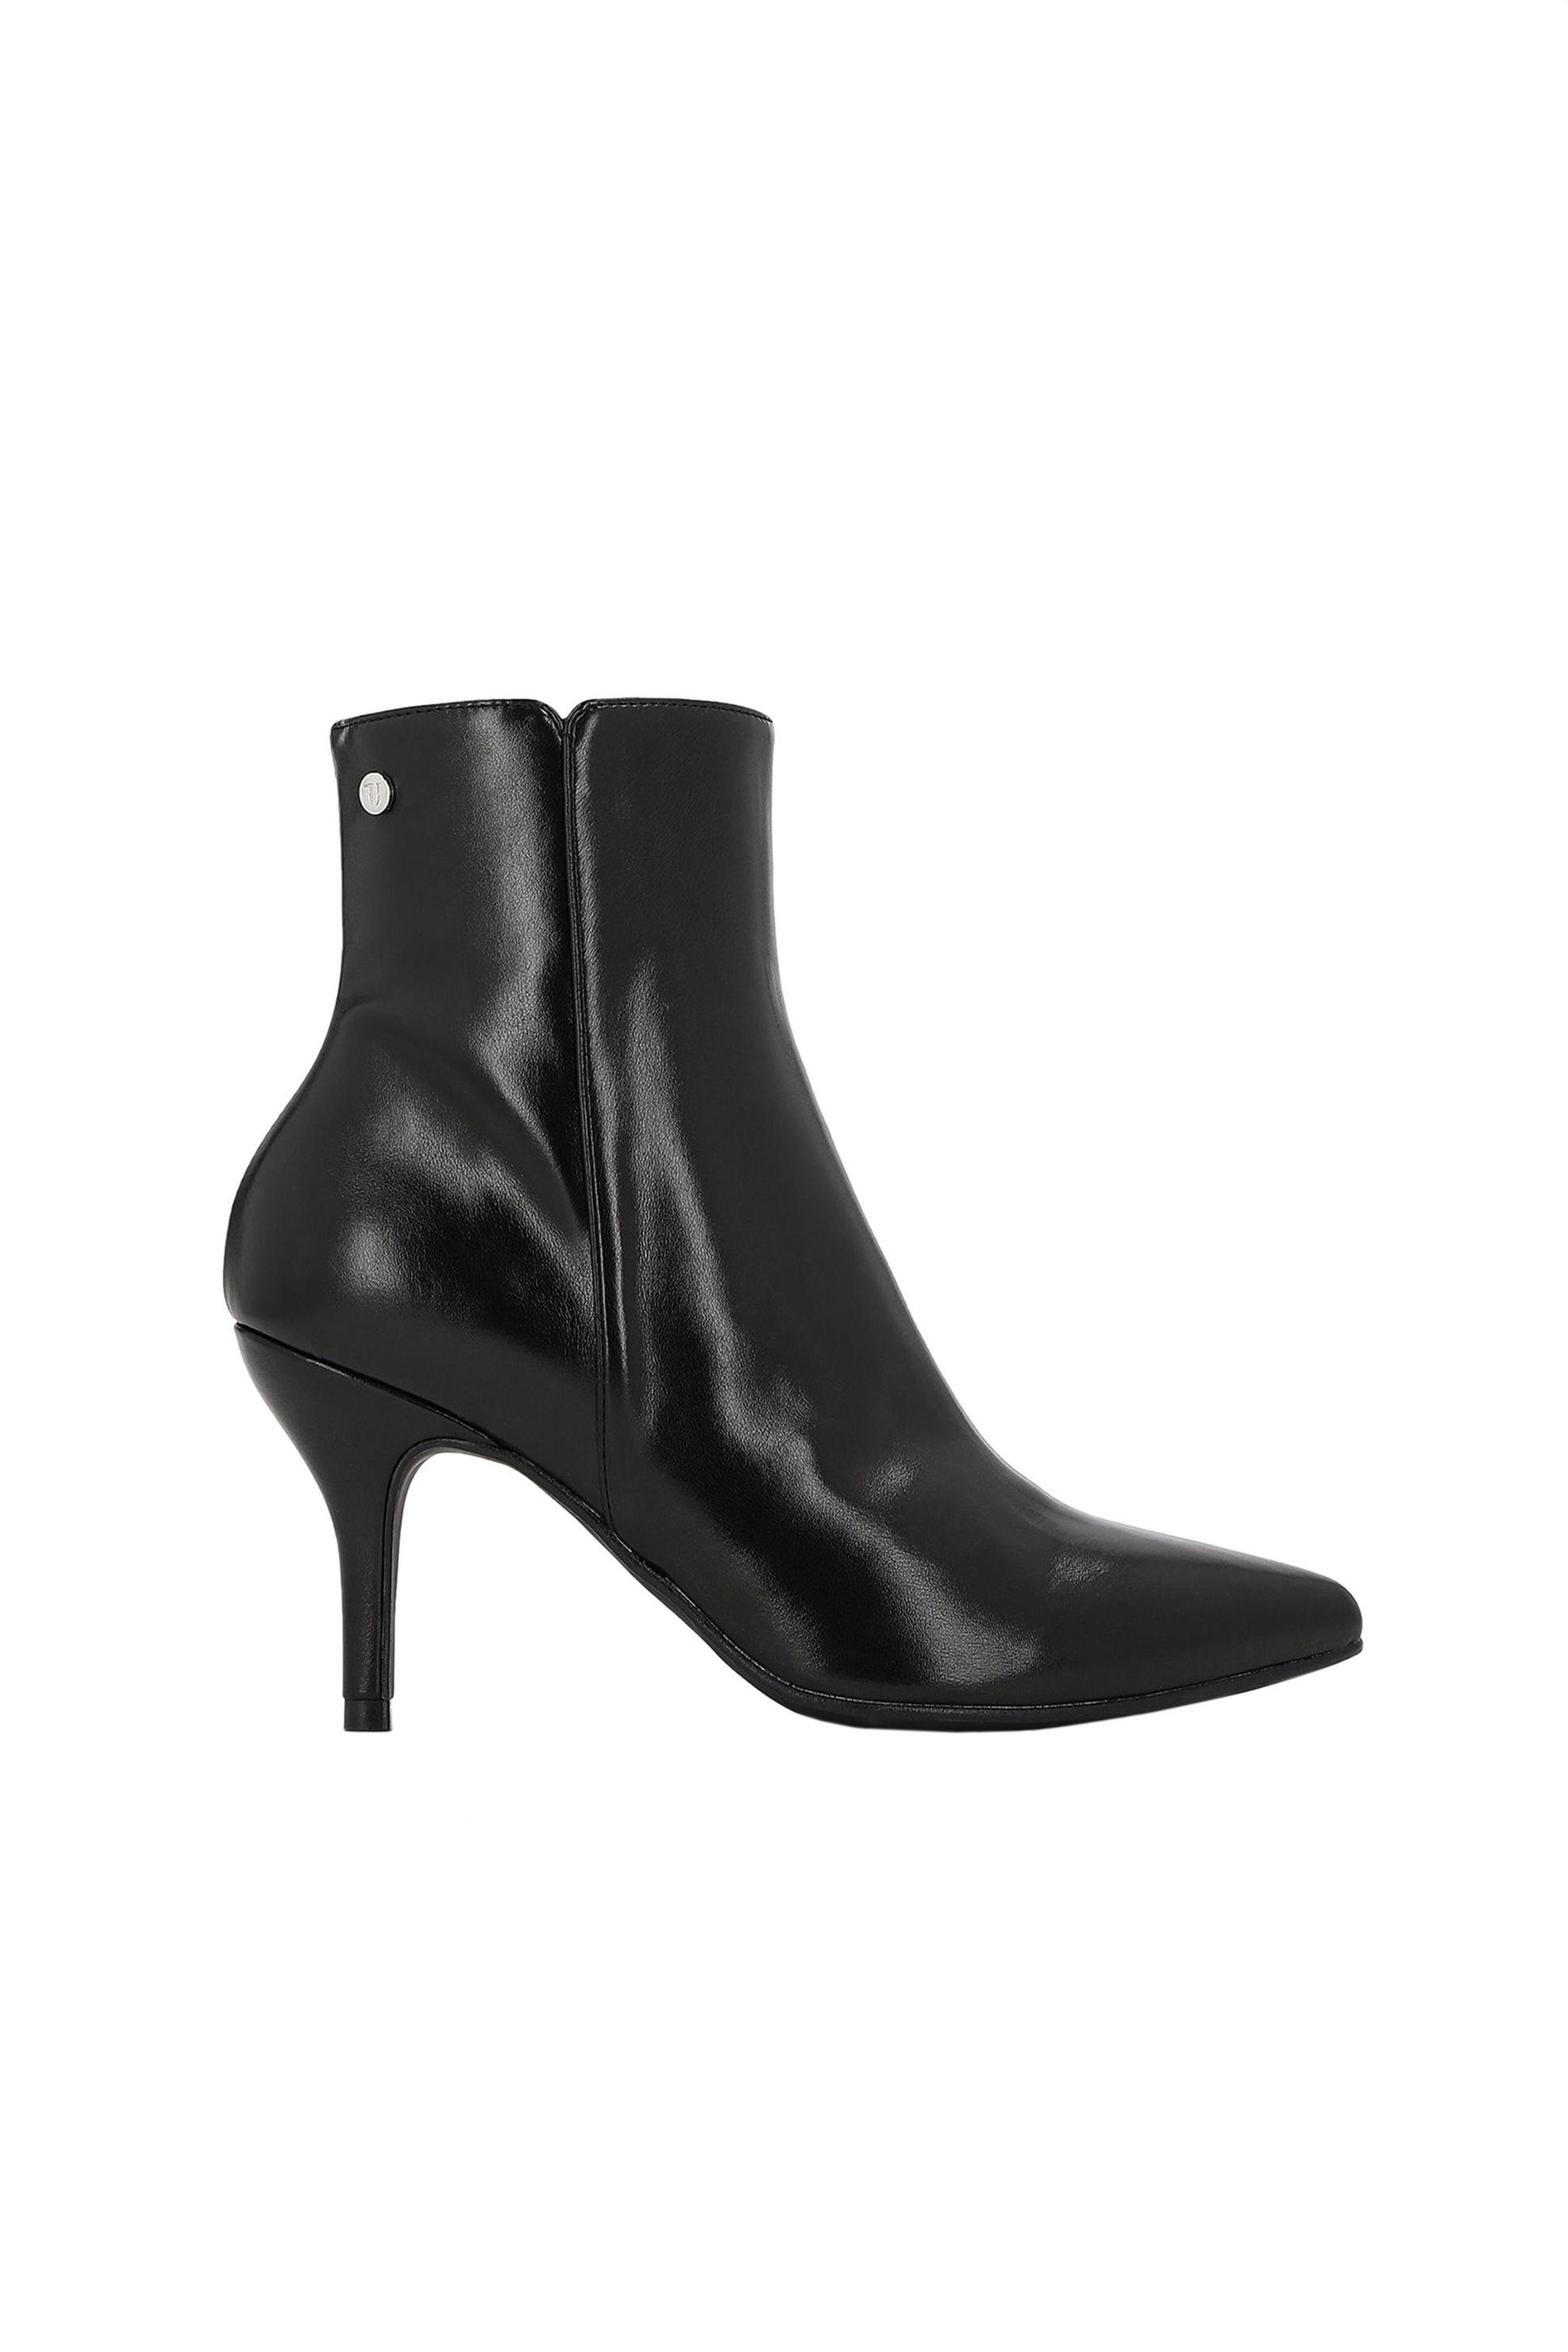 Trussardi Jeans γυναικείo δερμάτινo μποτάκι Μid height heel – 79A00265-9Y099999 – Μαύρο